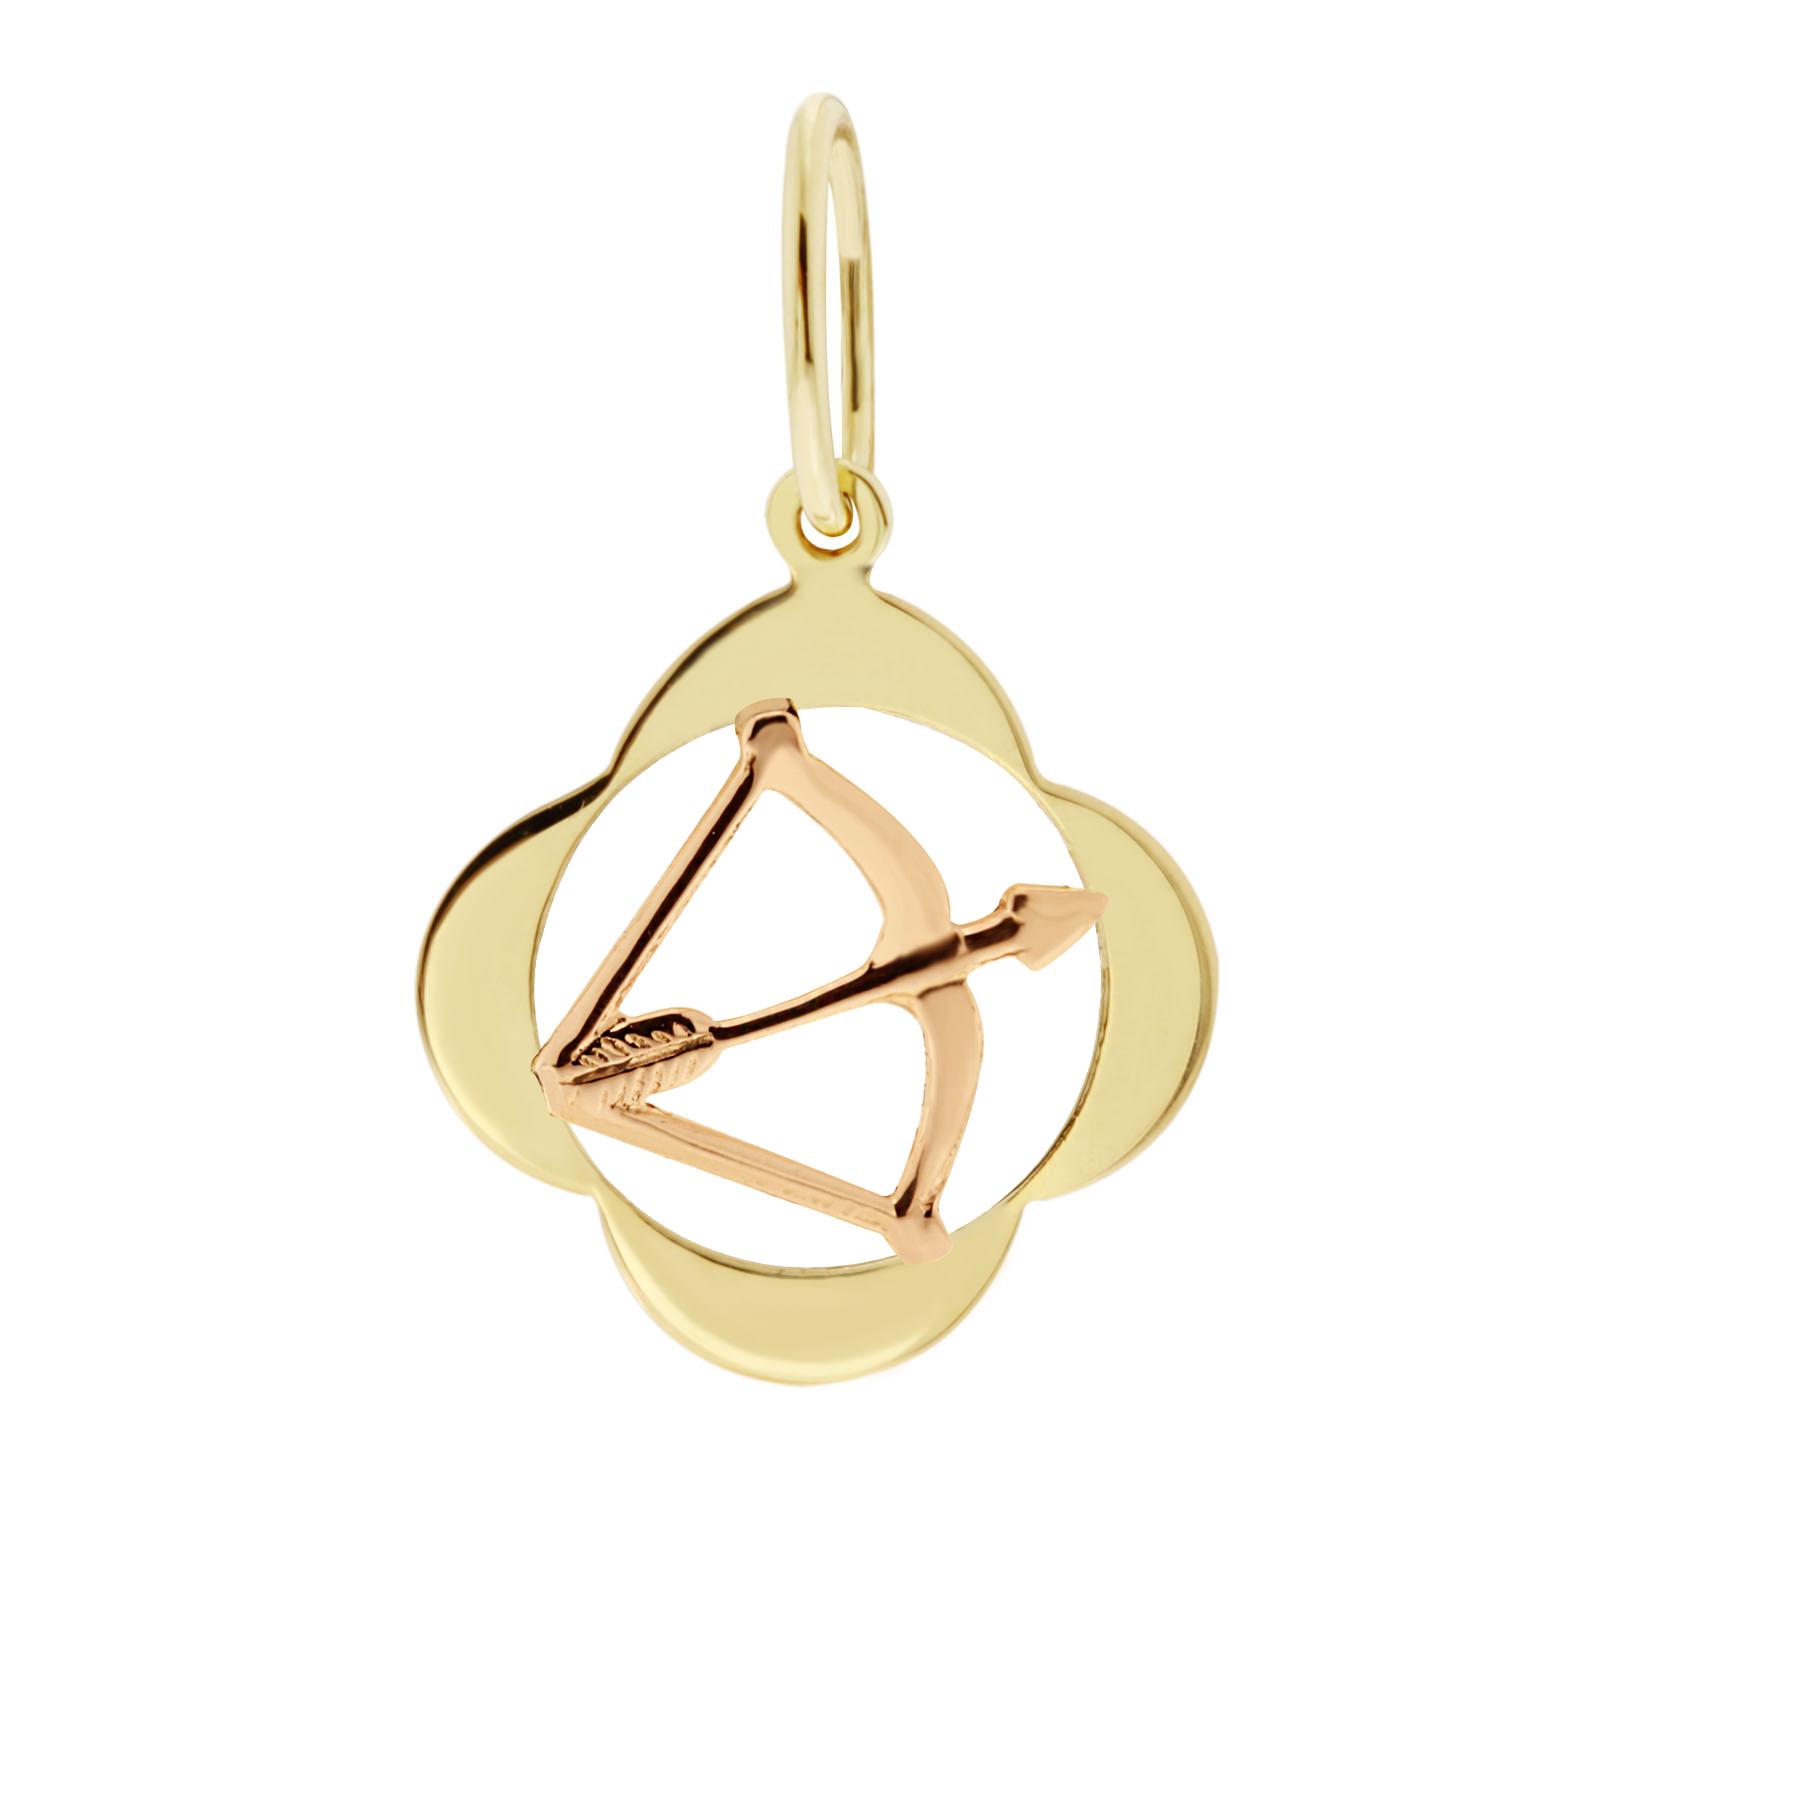 Zlatý přívěsek - znamení zvěrokruhu Střelec Tvar: Čtyřlístek, hladký rámeček